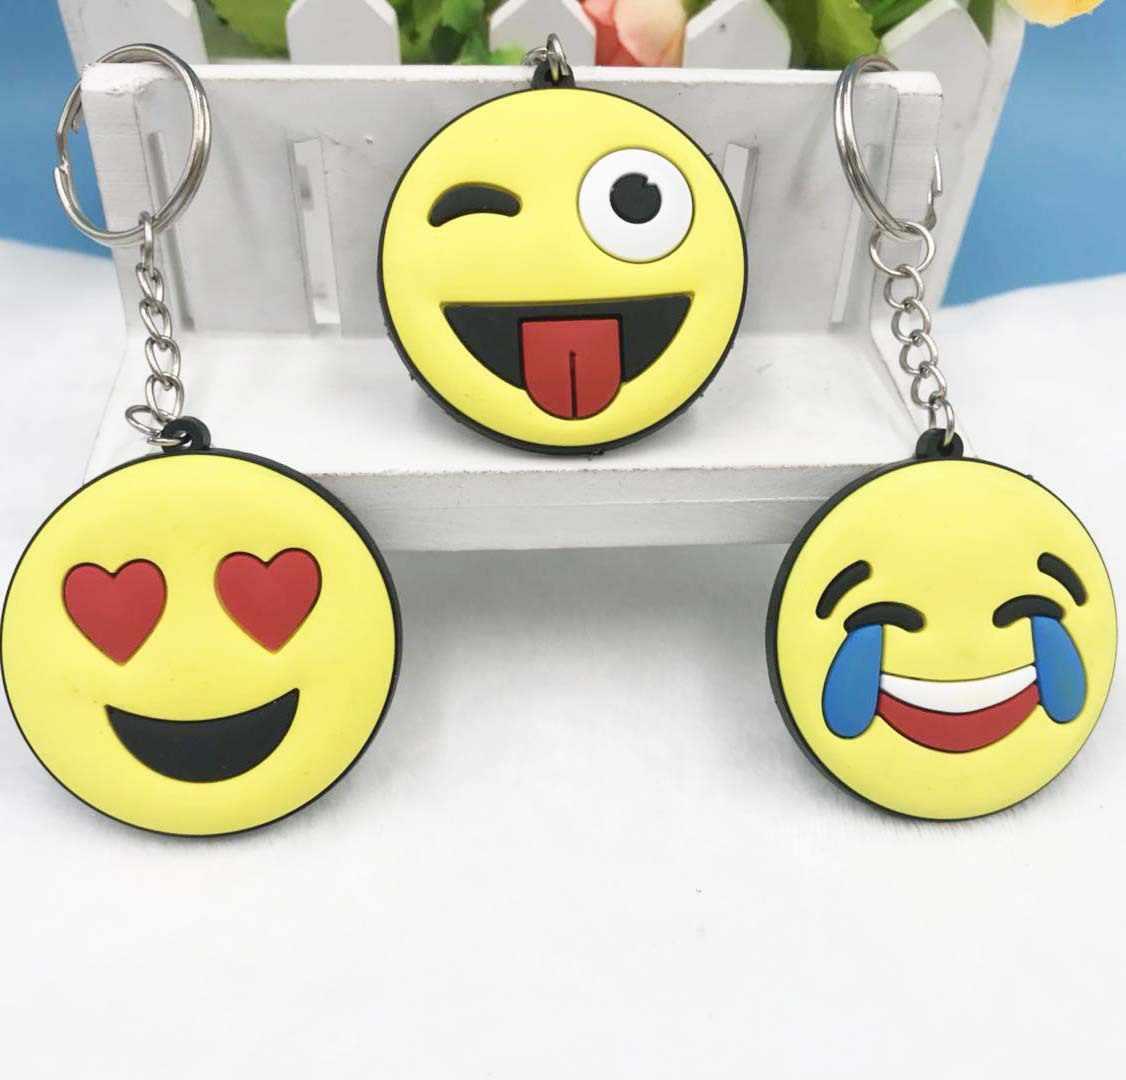 Cores Telefone Emoji Cara engraçada Dos Desenhos Animados Chaveiros Keychain Pequeno Sorriso Amarelo Coração De Plástico Redondo Chaveiro Carro Saco Chlidren